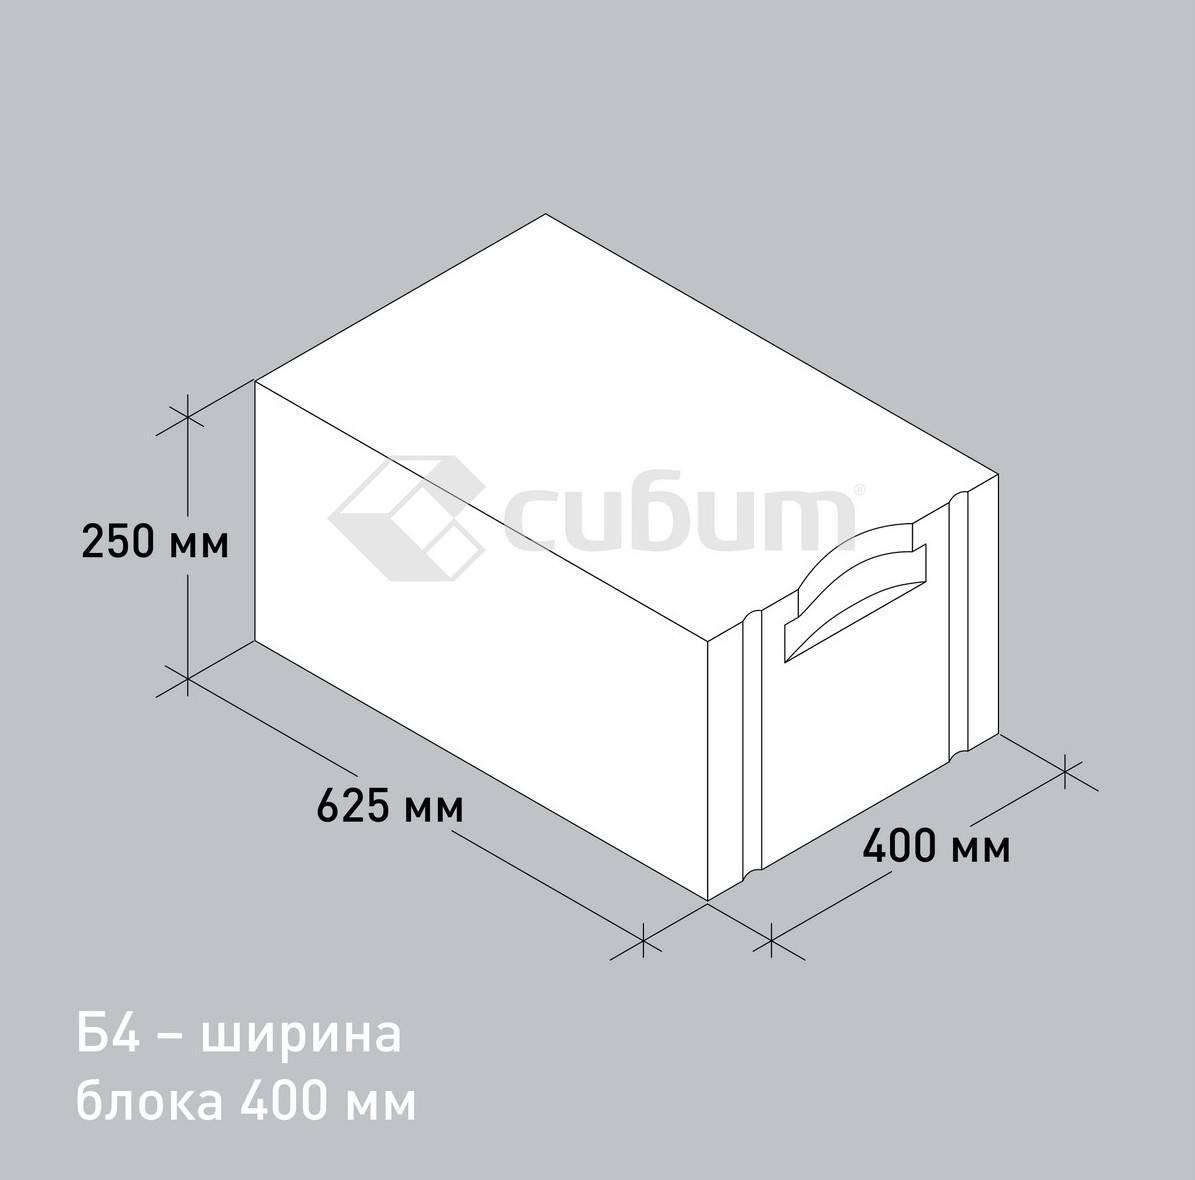 Какие существуют размеры силикатных блоков и как правильно их подобрать?